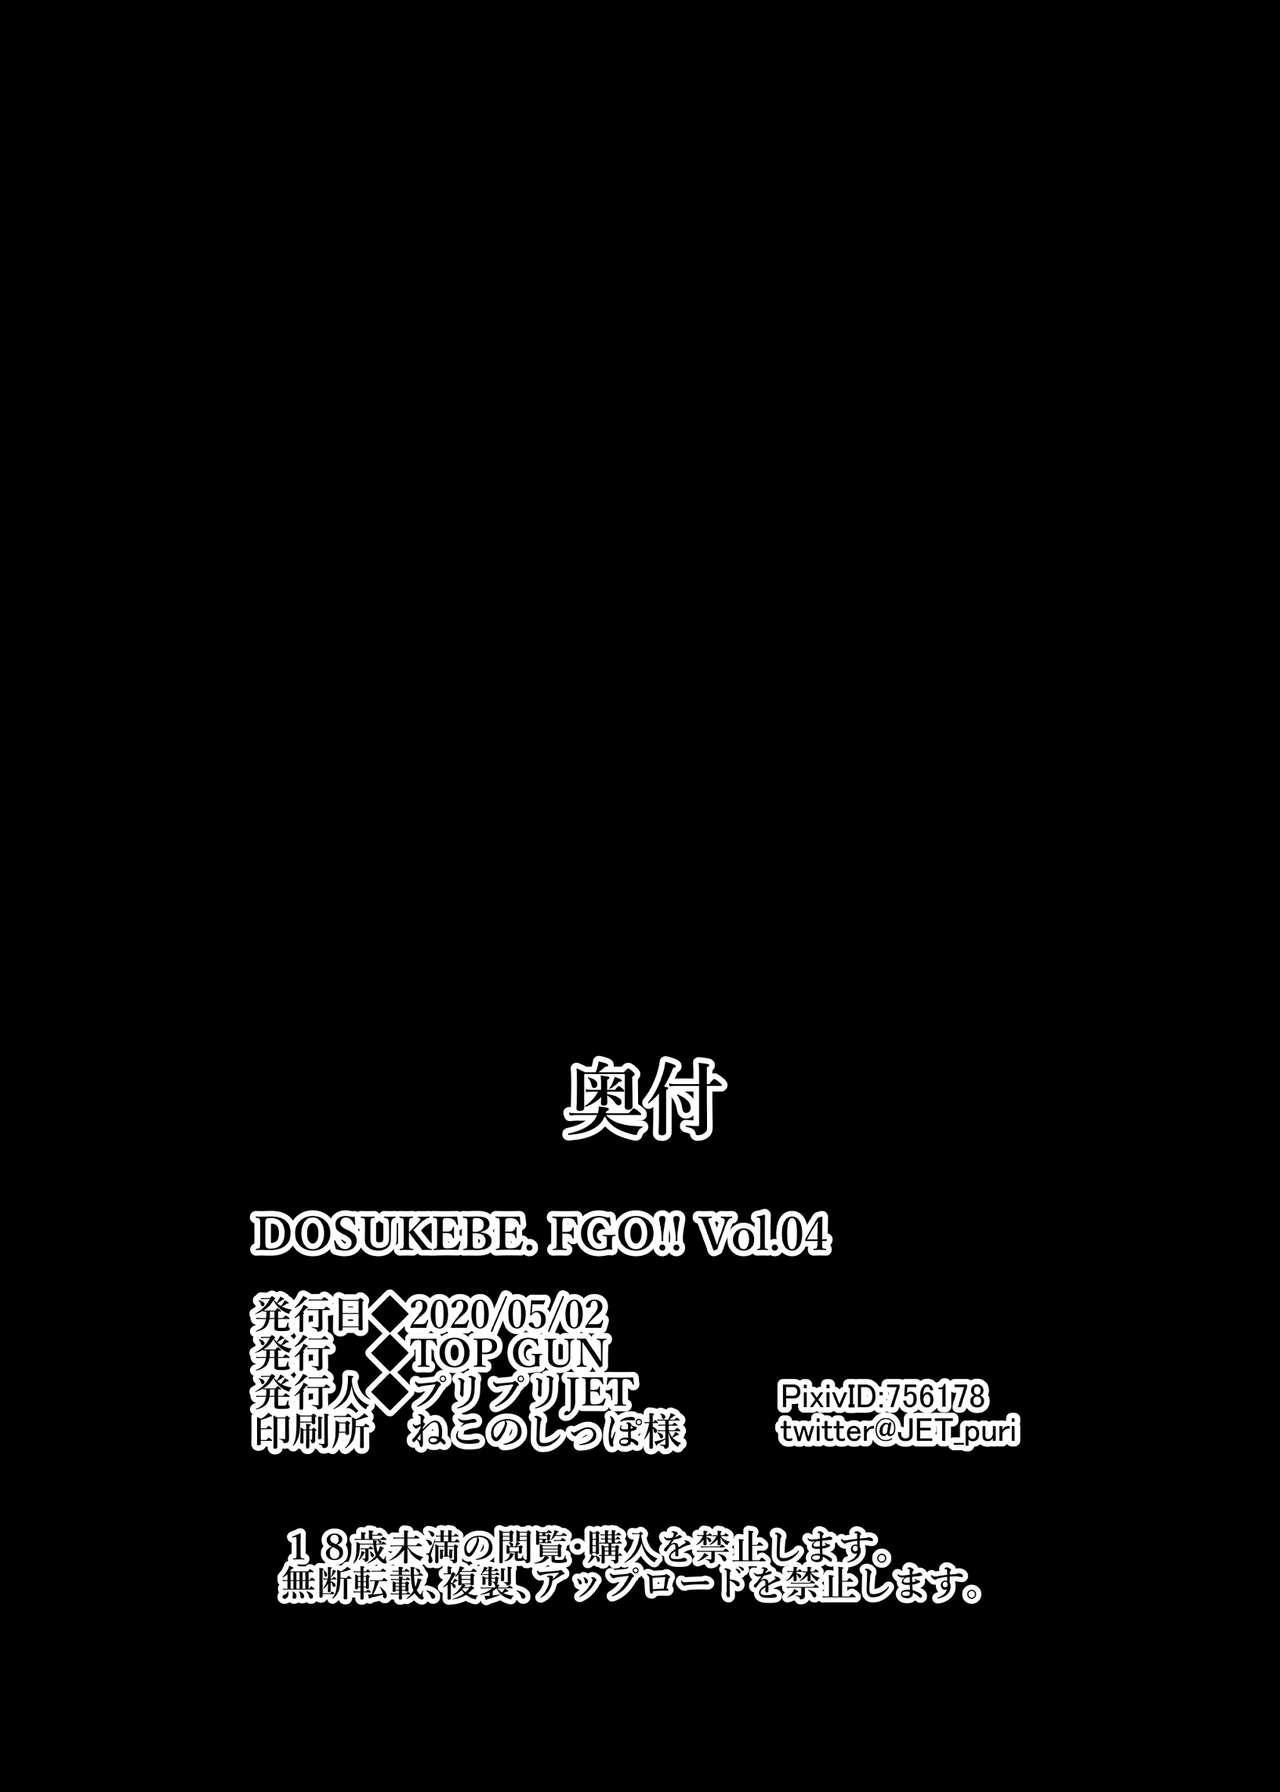 DOSUKEBE. FGO!! Vol. 04 23